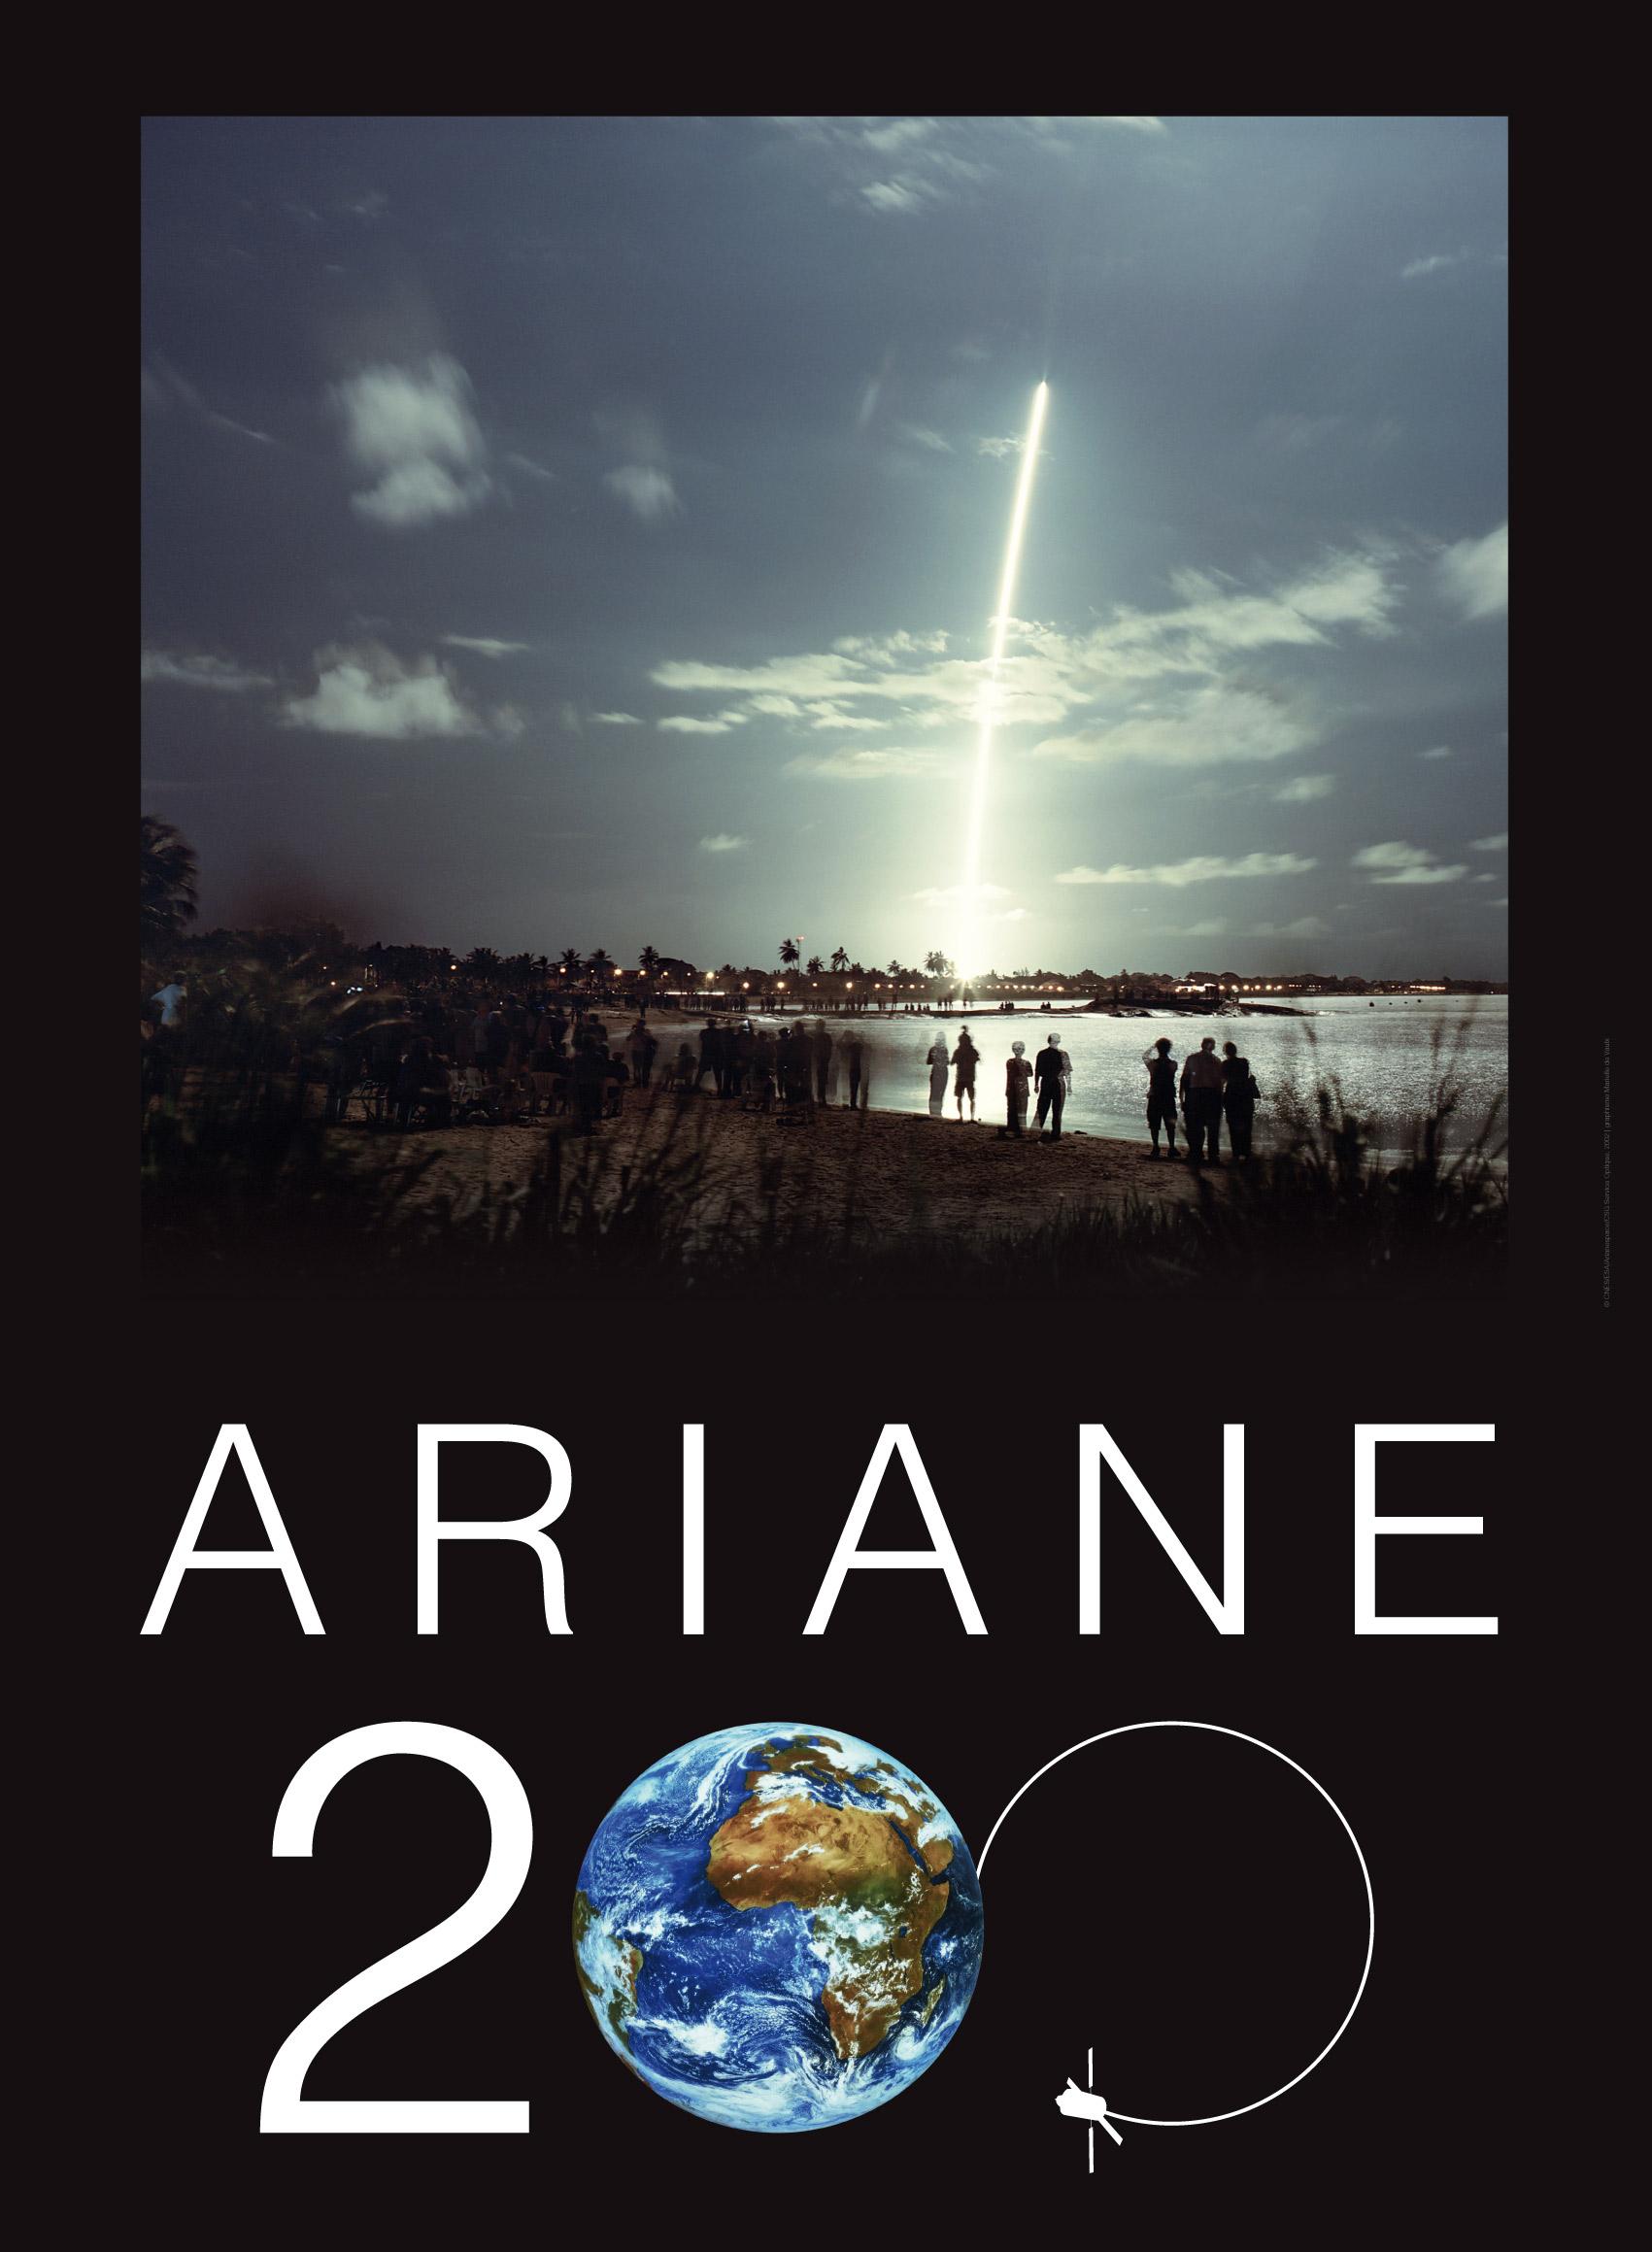 Ariane_200_poster_V2.jpg